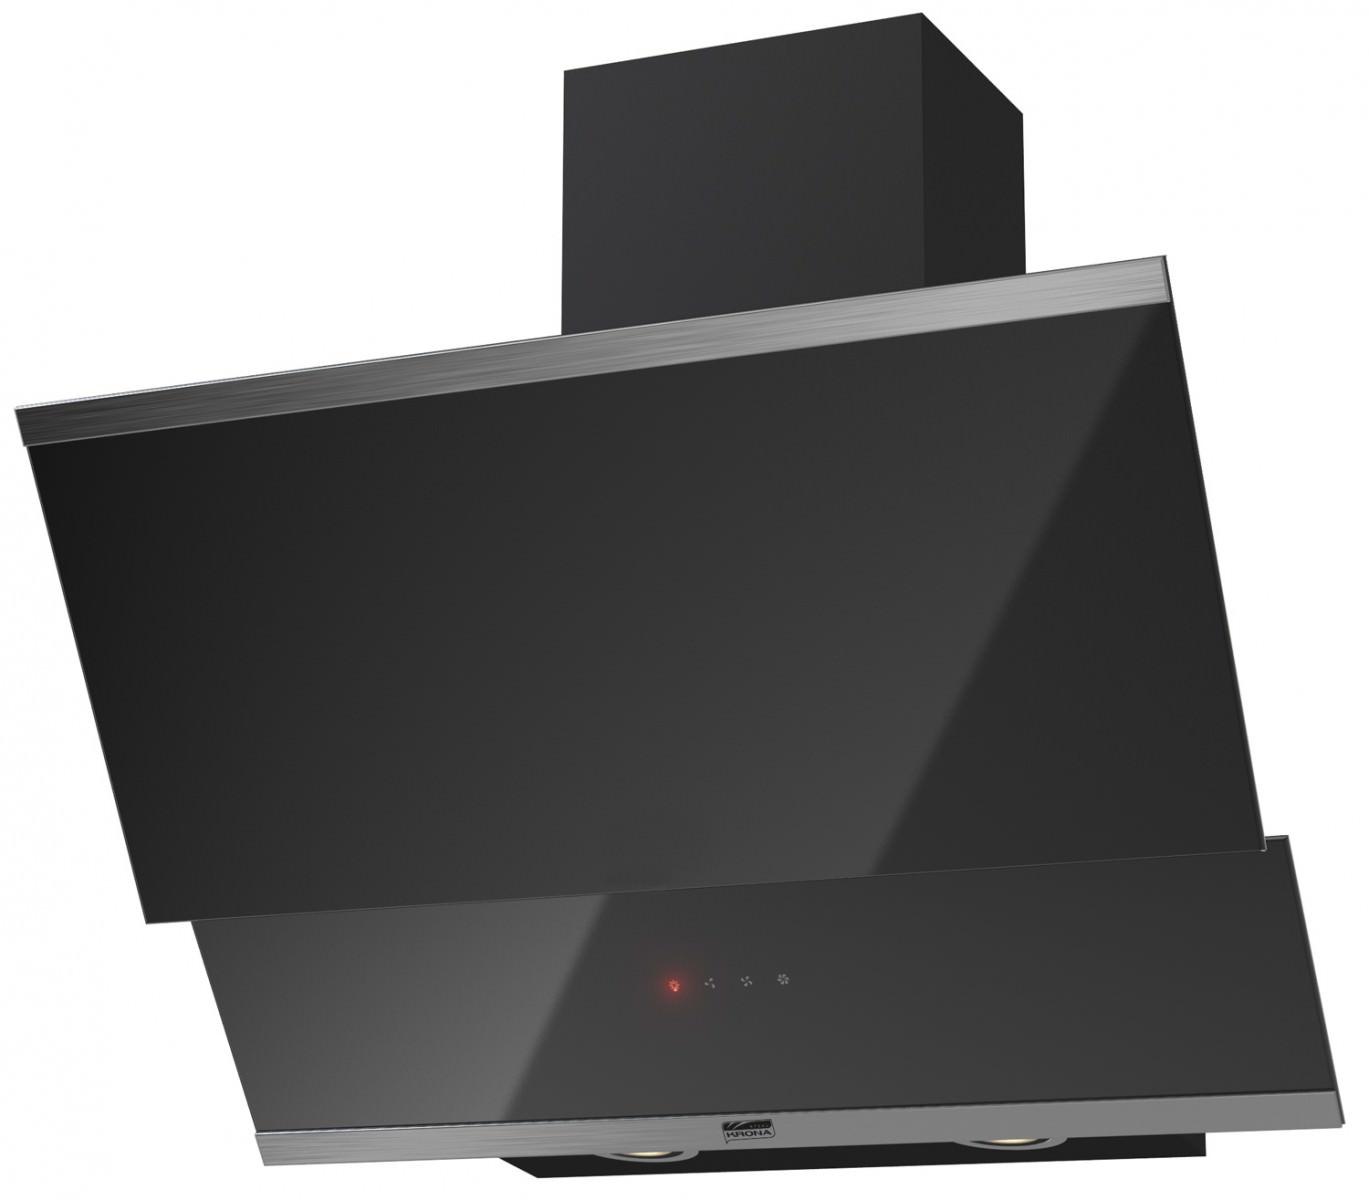 Вытяжка KRONA IRIDA 600 black sensor - Апис плюс